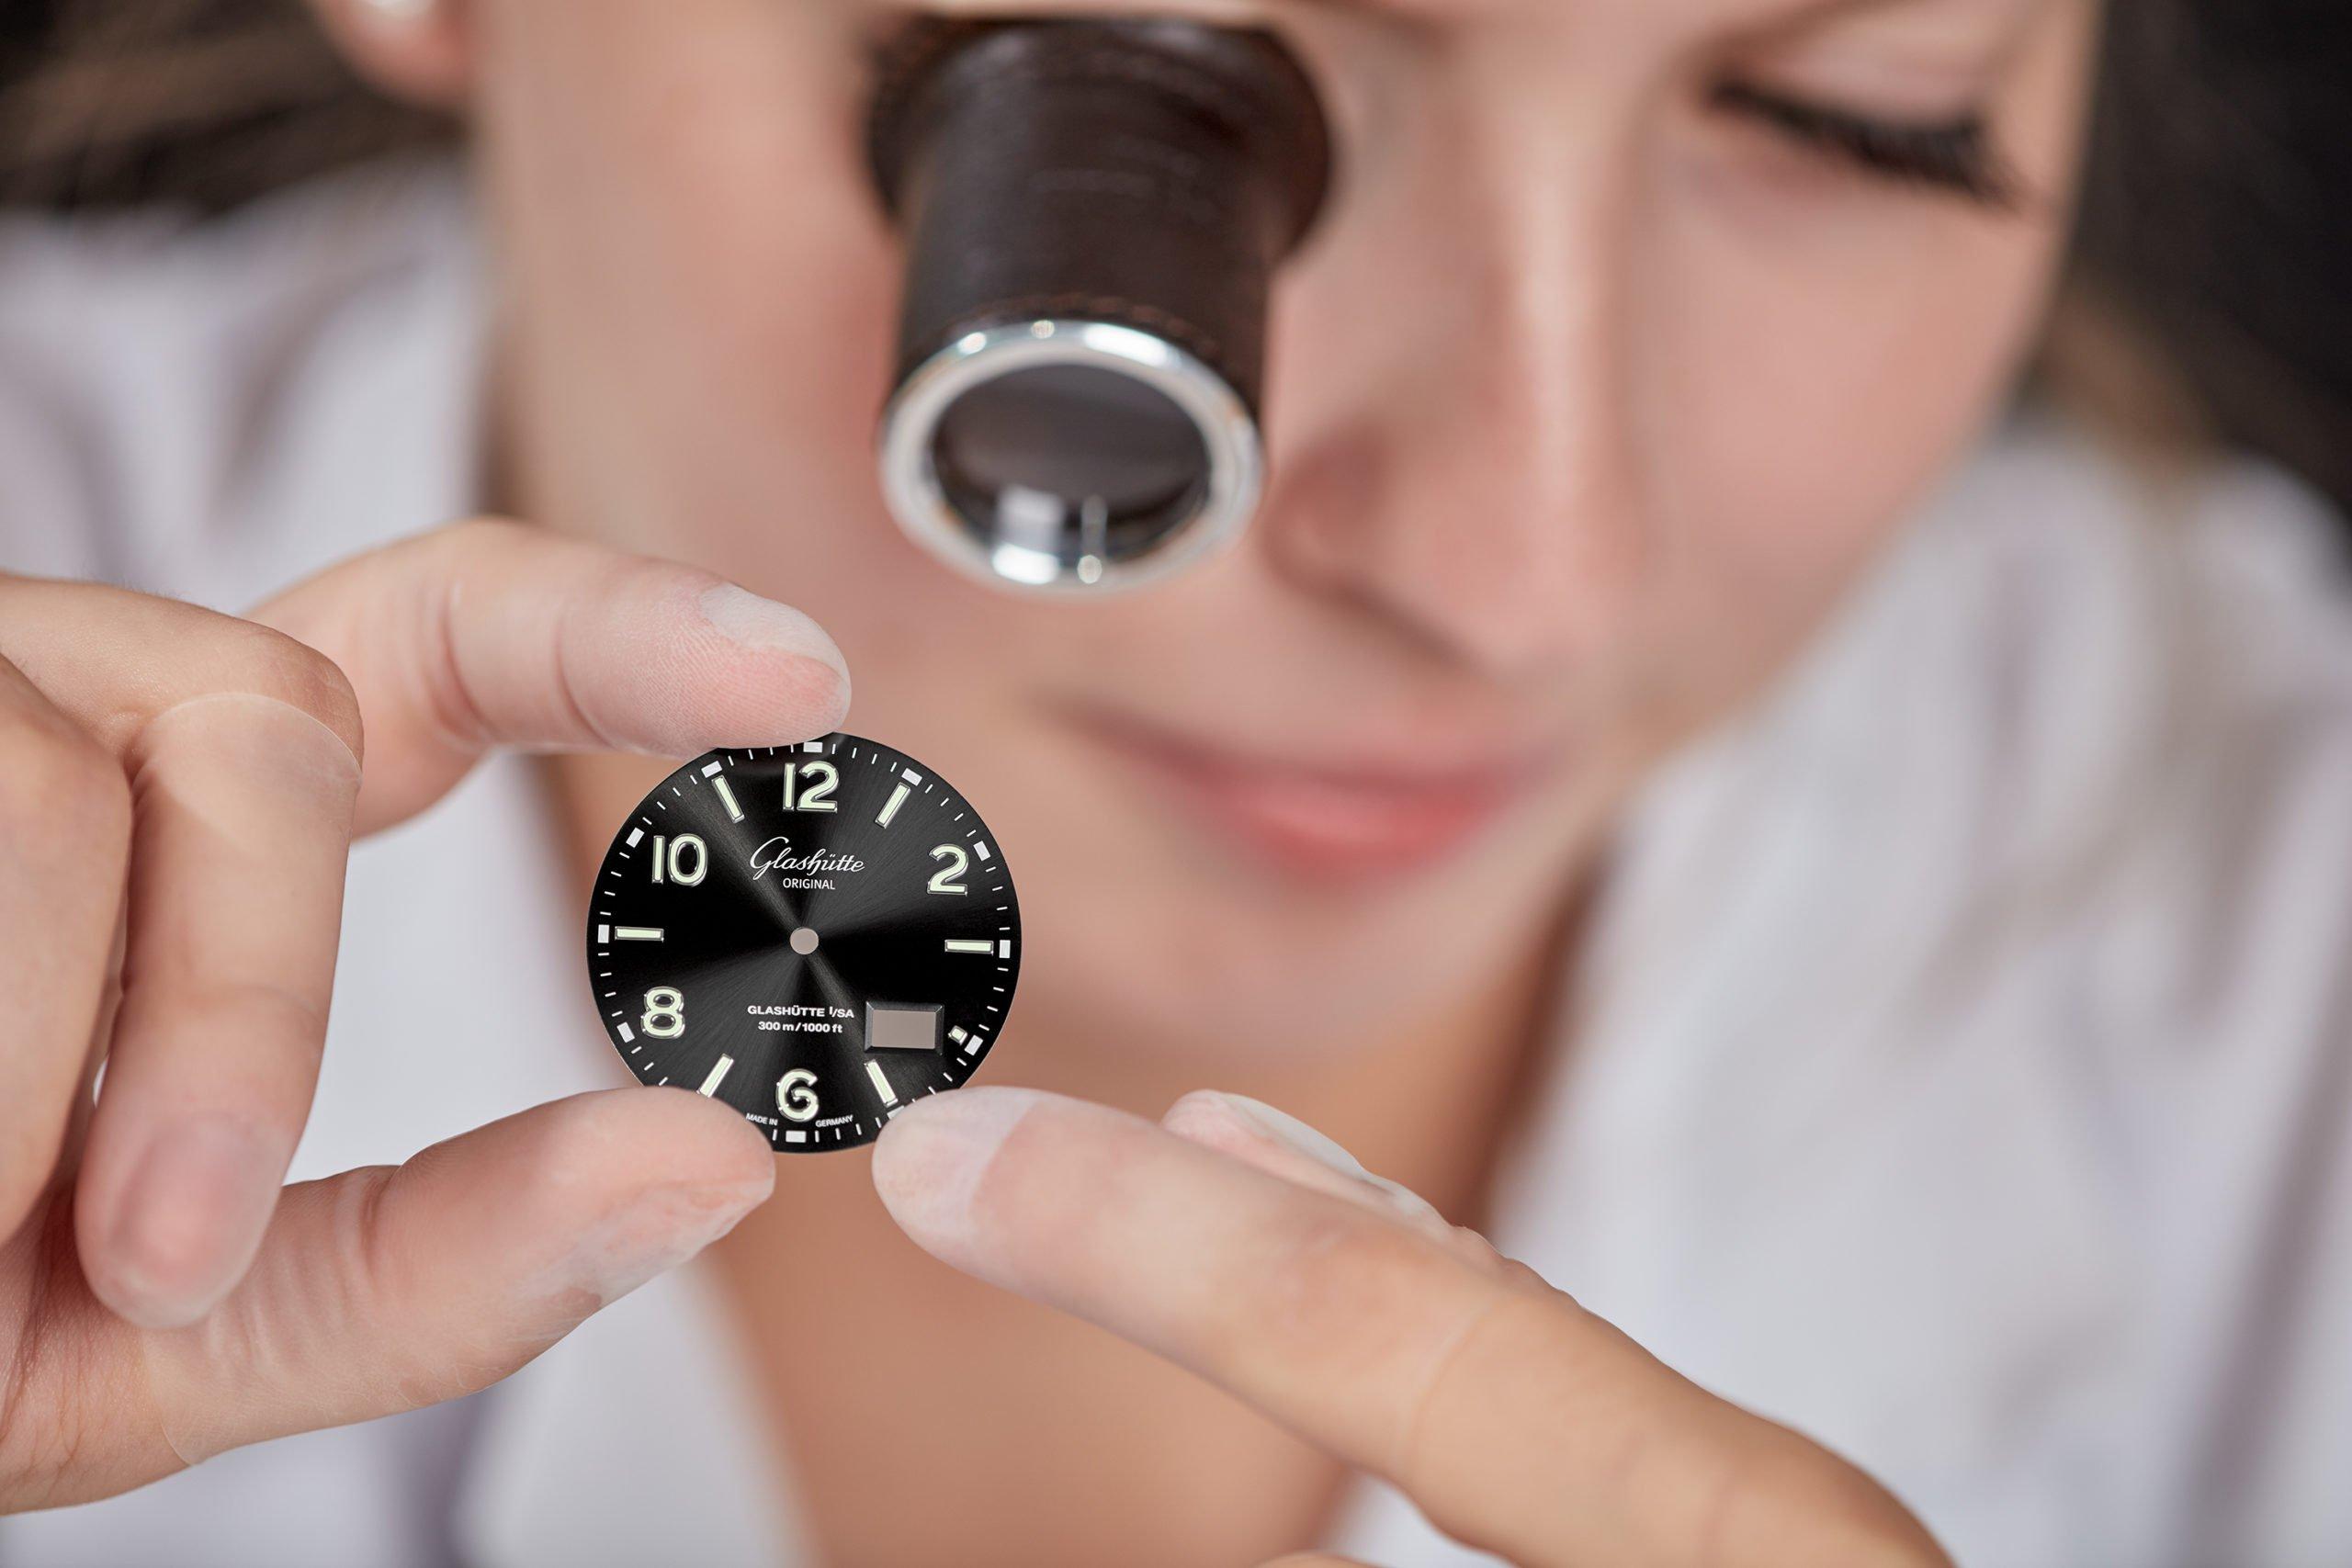 Read more about the article Wie entsteht das Zifferblatt einer Uhr? Einblicke in die Herstellung am Beispiel der Glashütte Original-Manufaktur in Pforzheim